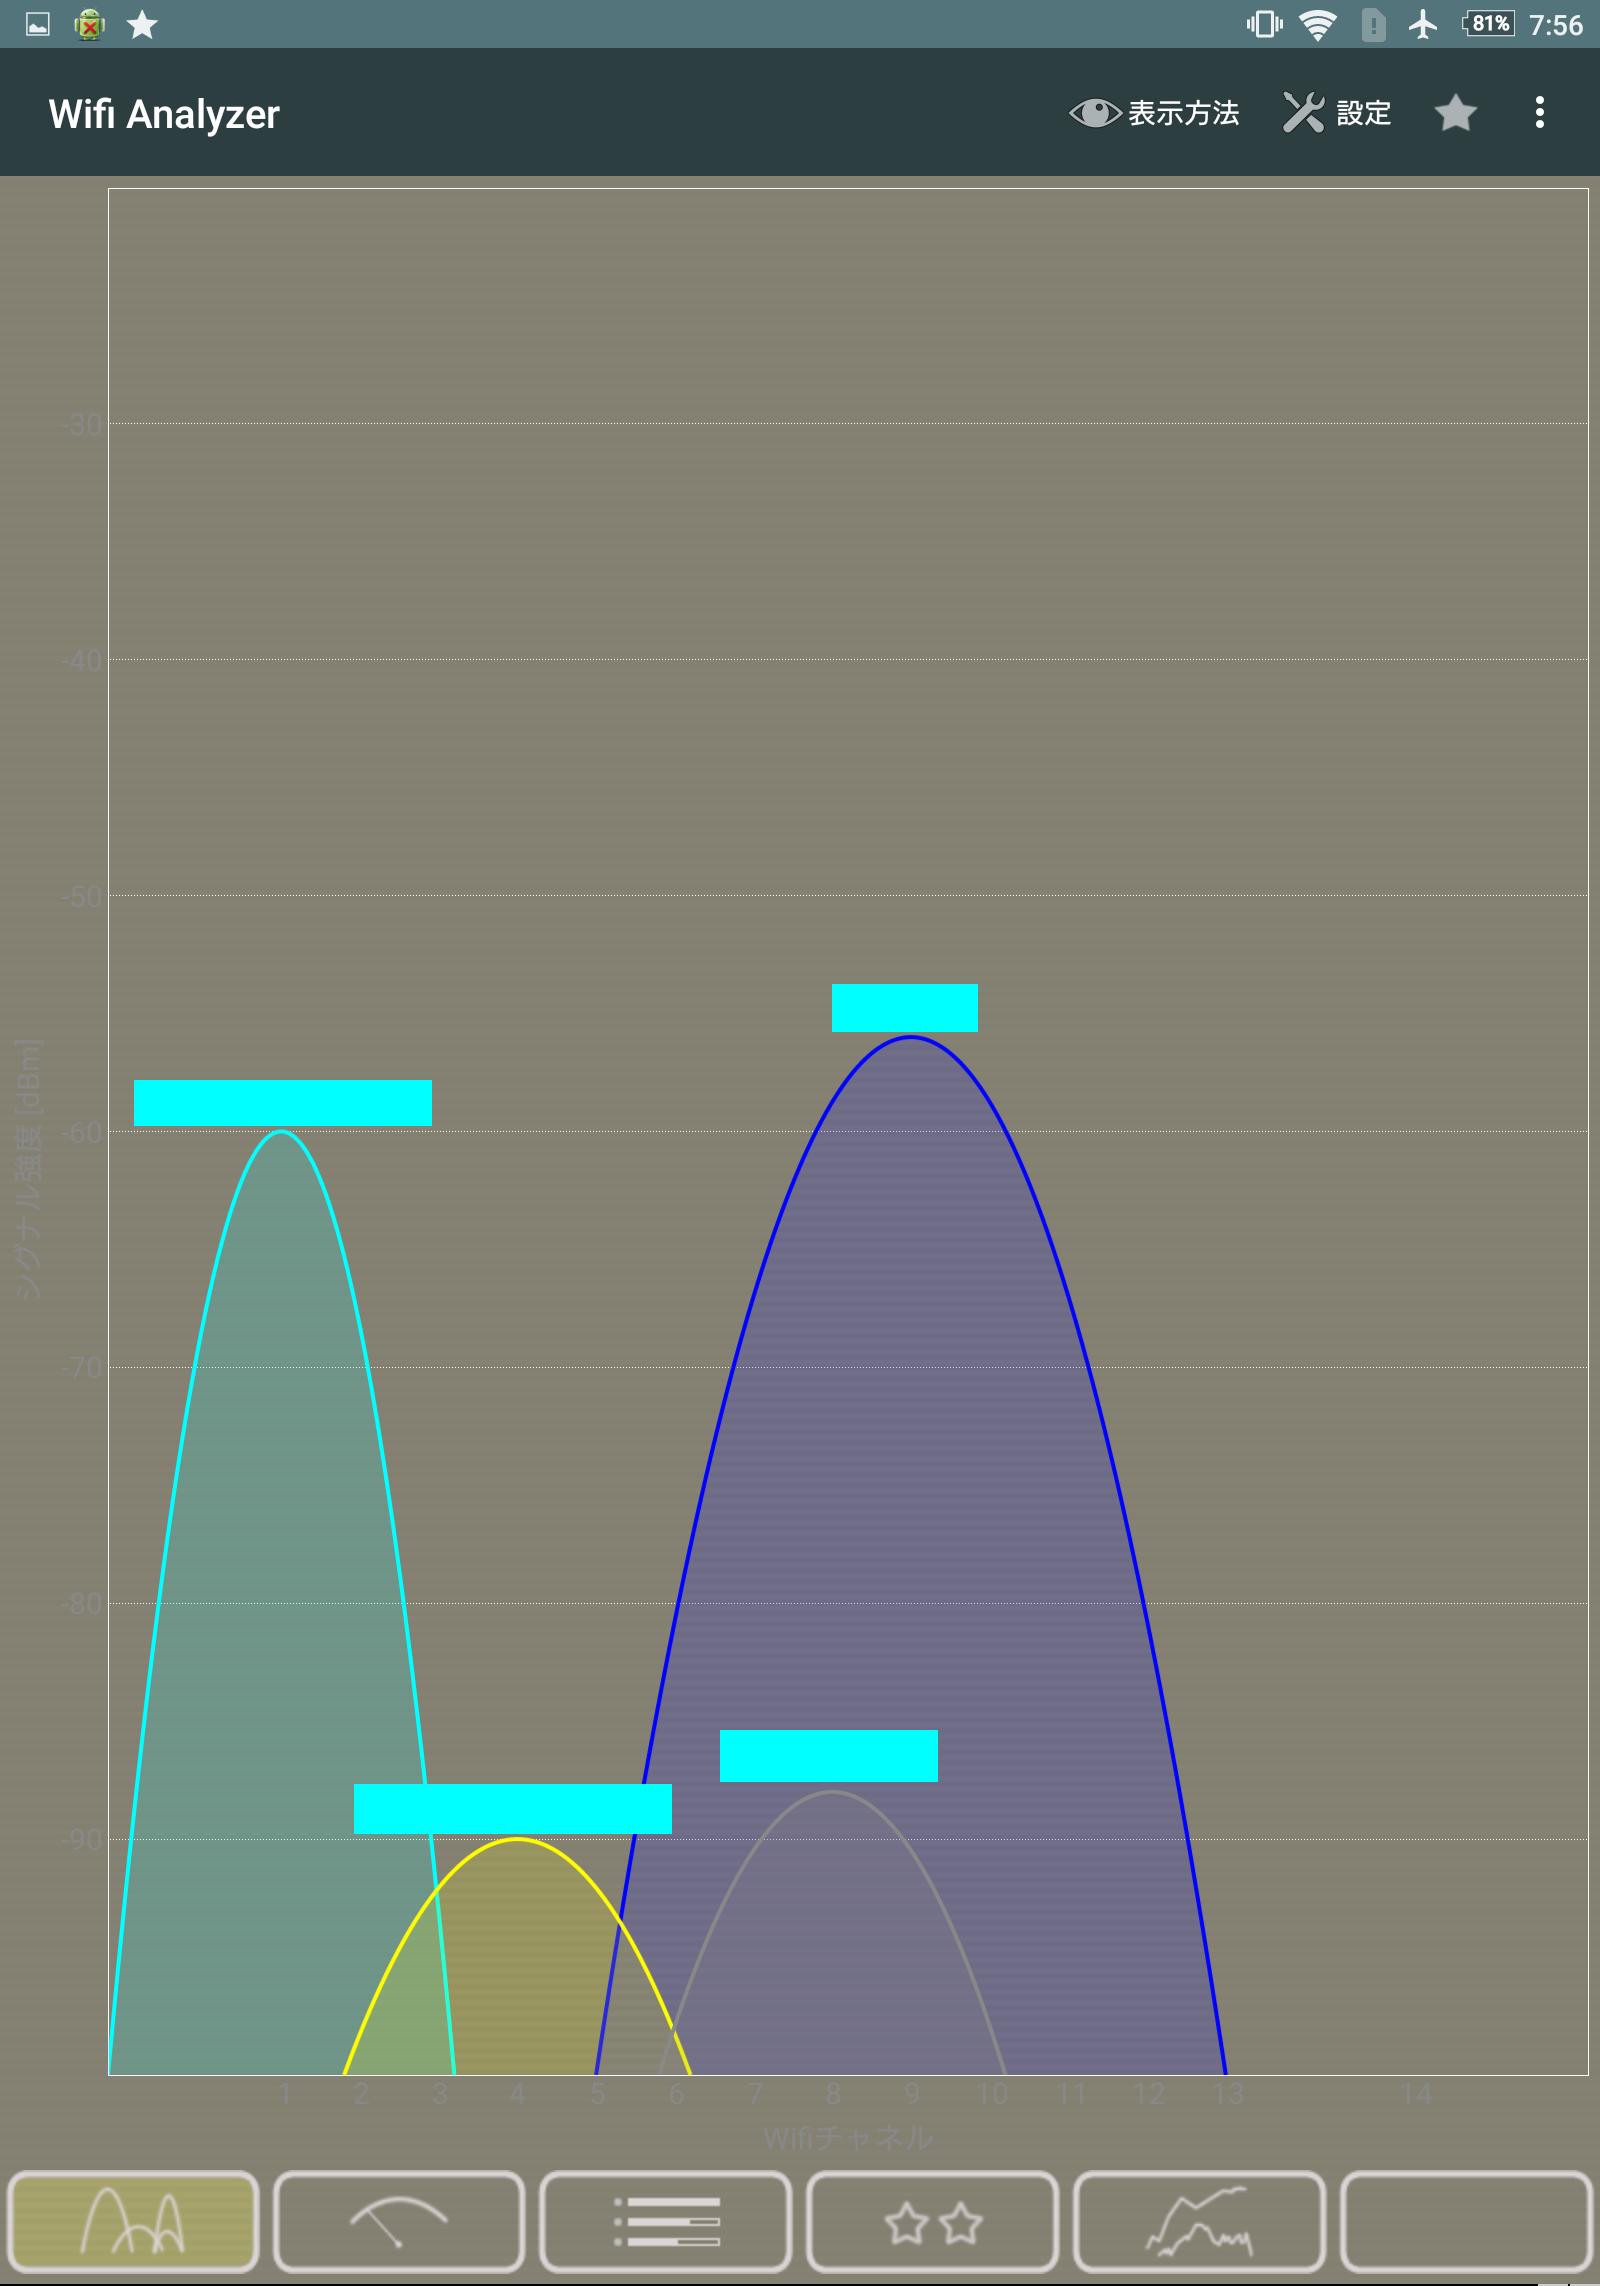 上げる 強度 fi wi 電波